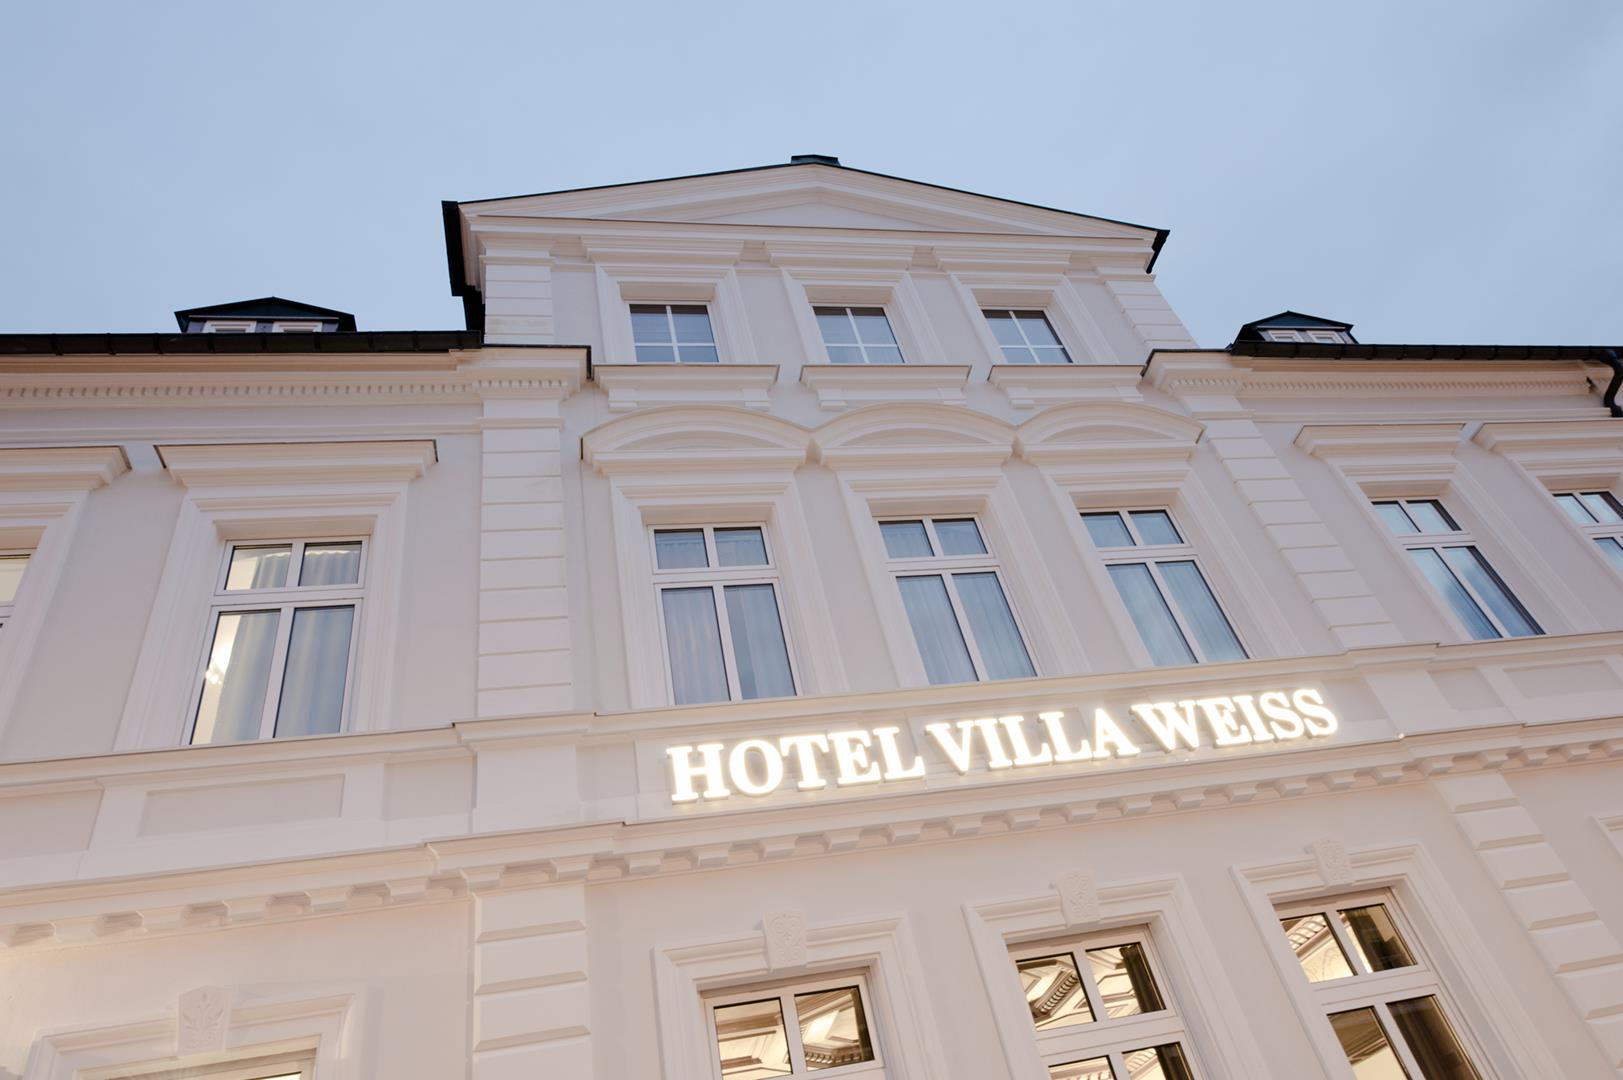 Villa Weiss in der Frontansicht